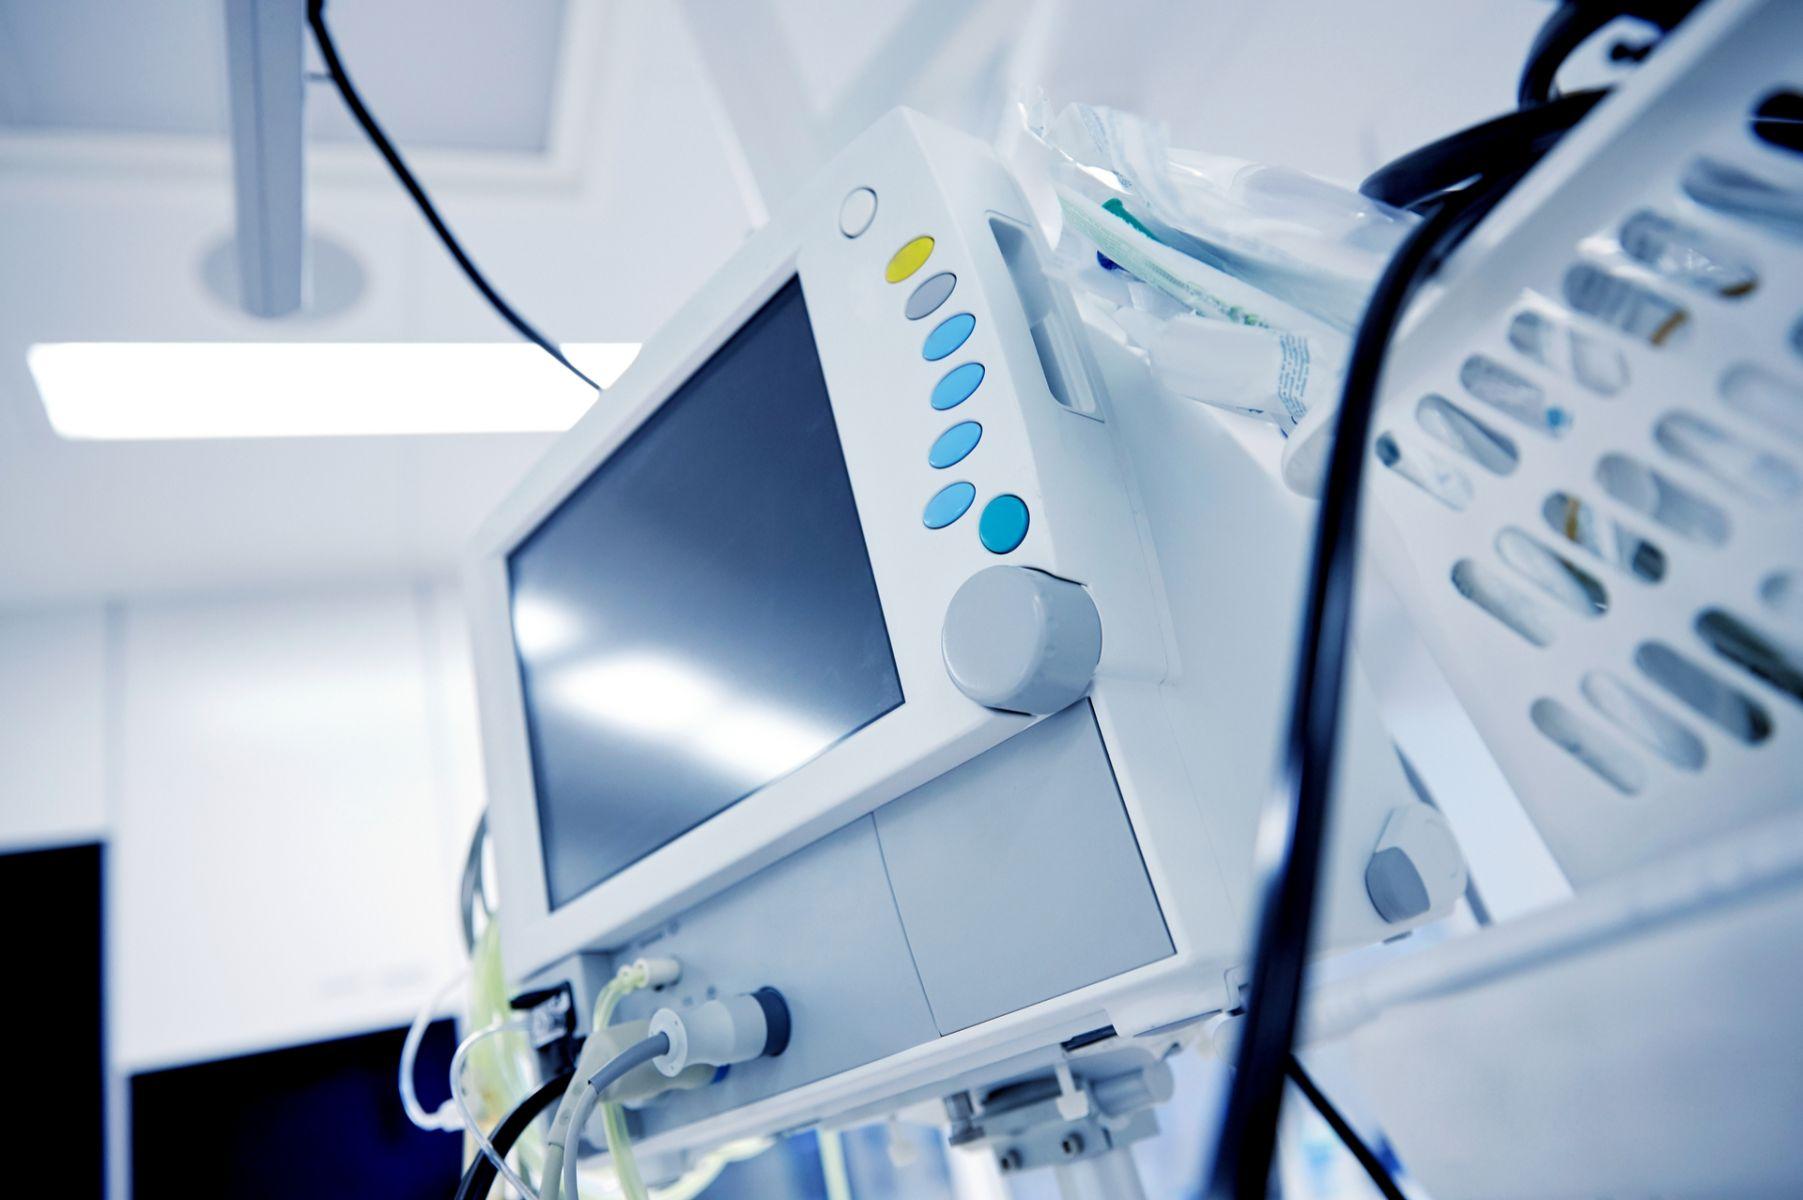 葉克膜、呼吸器使用率世界之冠!健保美意淪善終阻礙